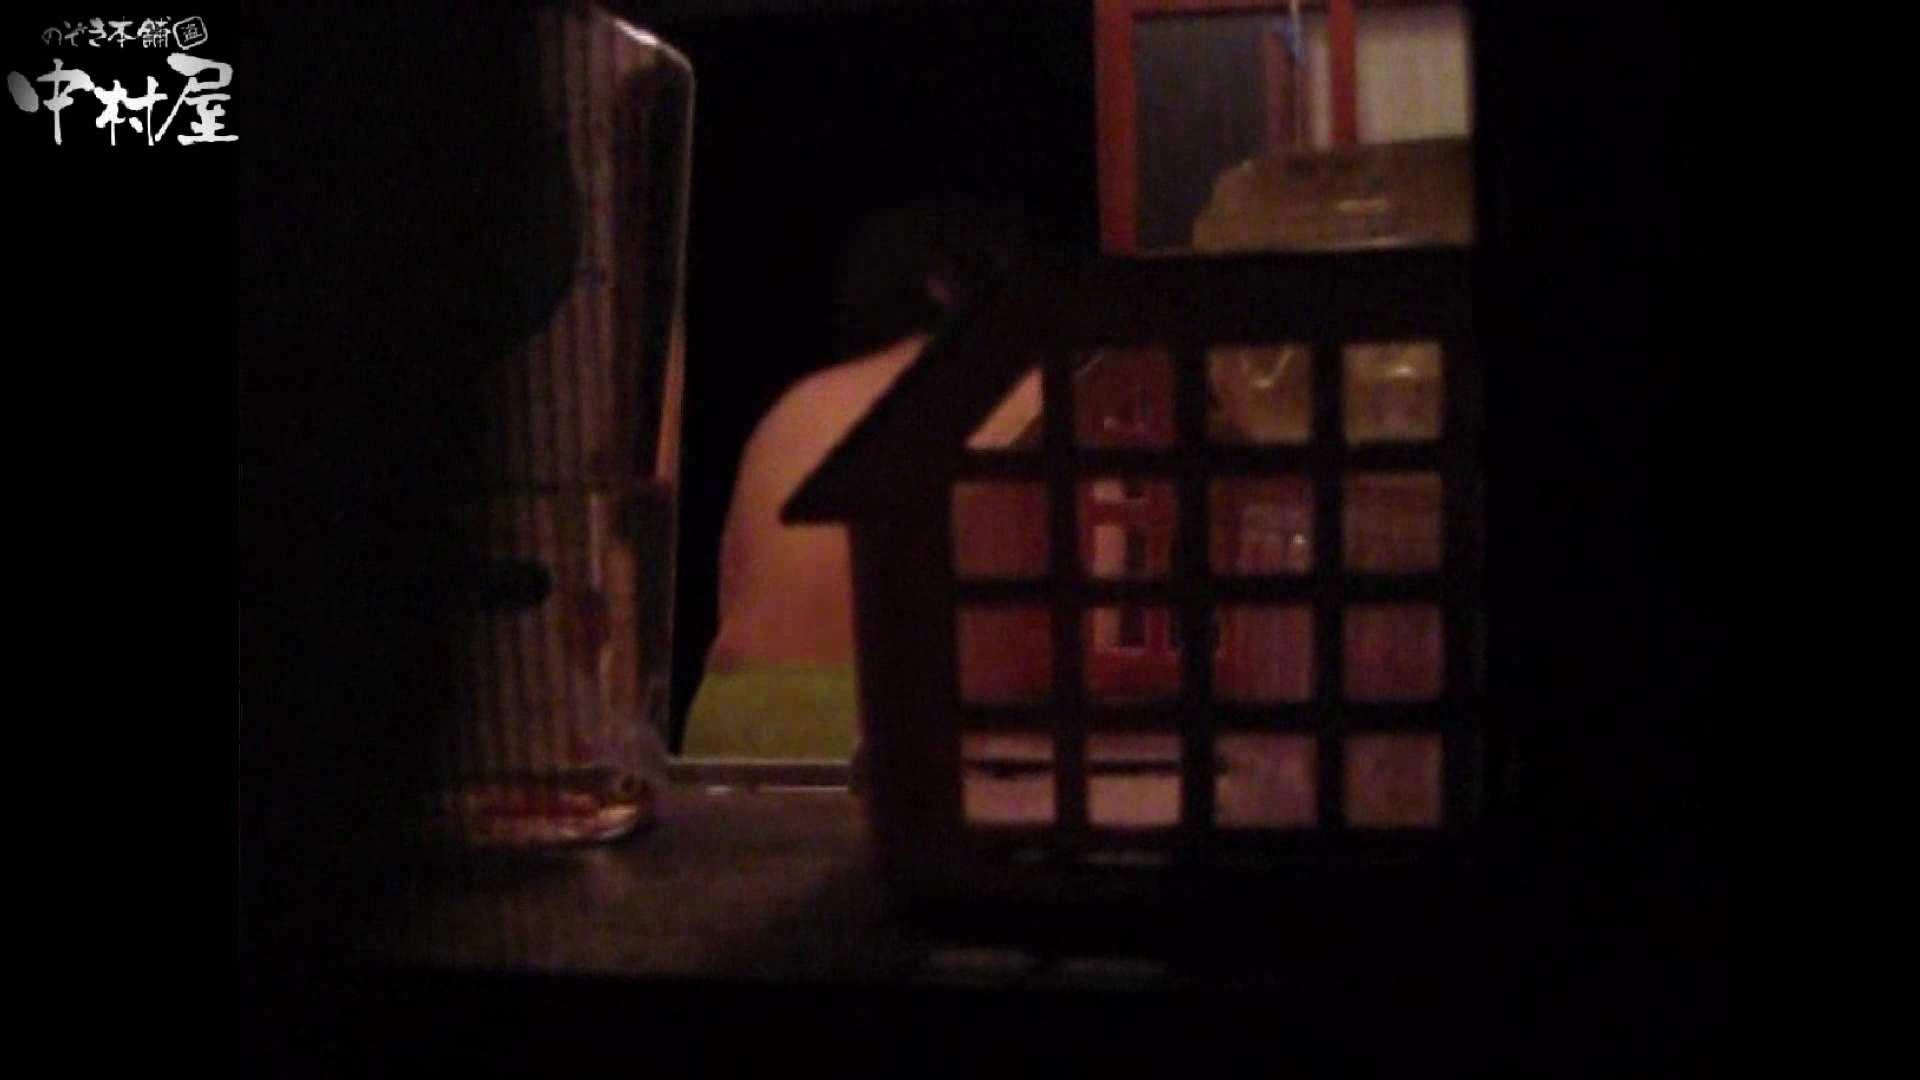 民家風呂専門盗撮師の超危険映像 vol.020 エロい美少女 セックス画像 93PIX 29